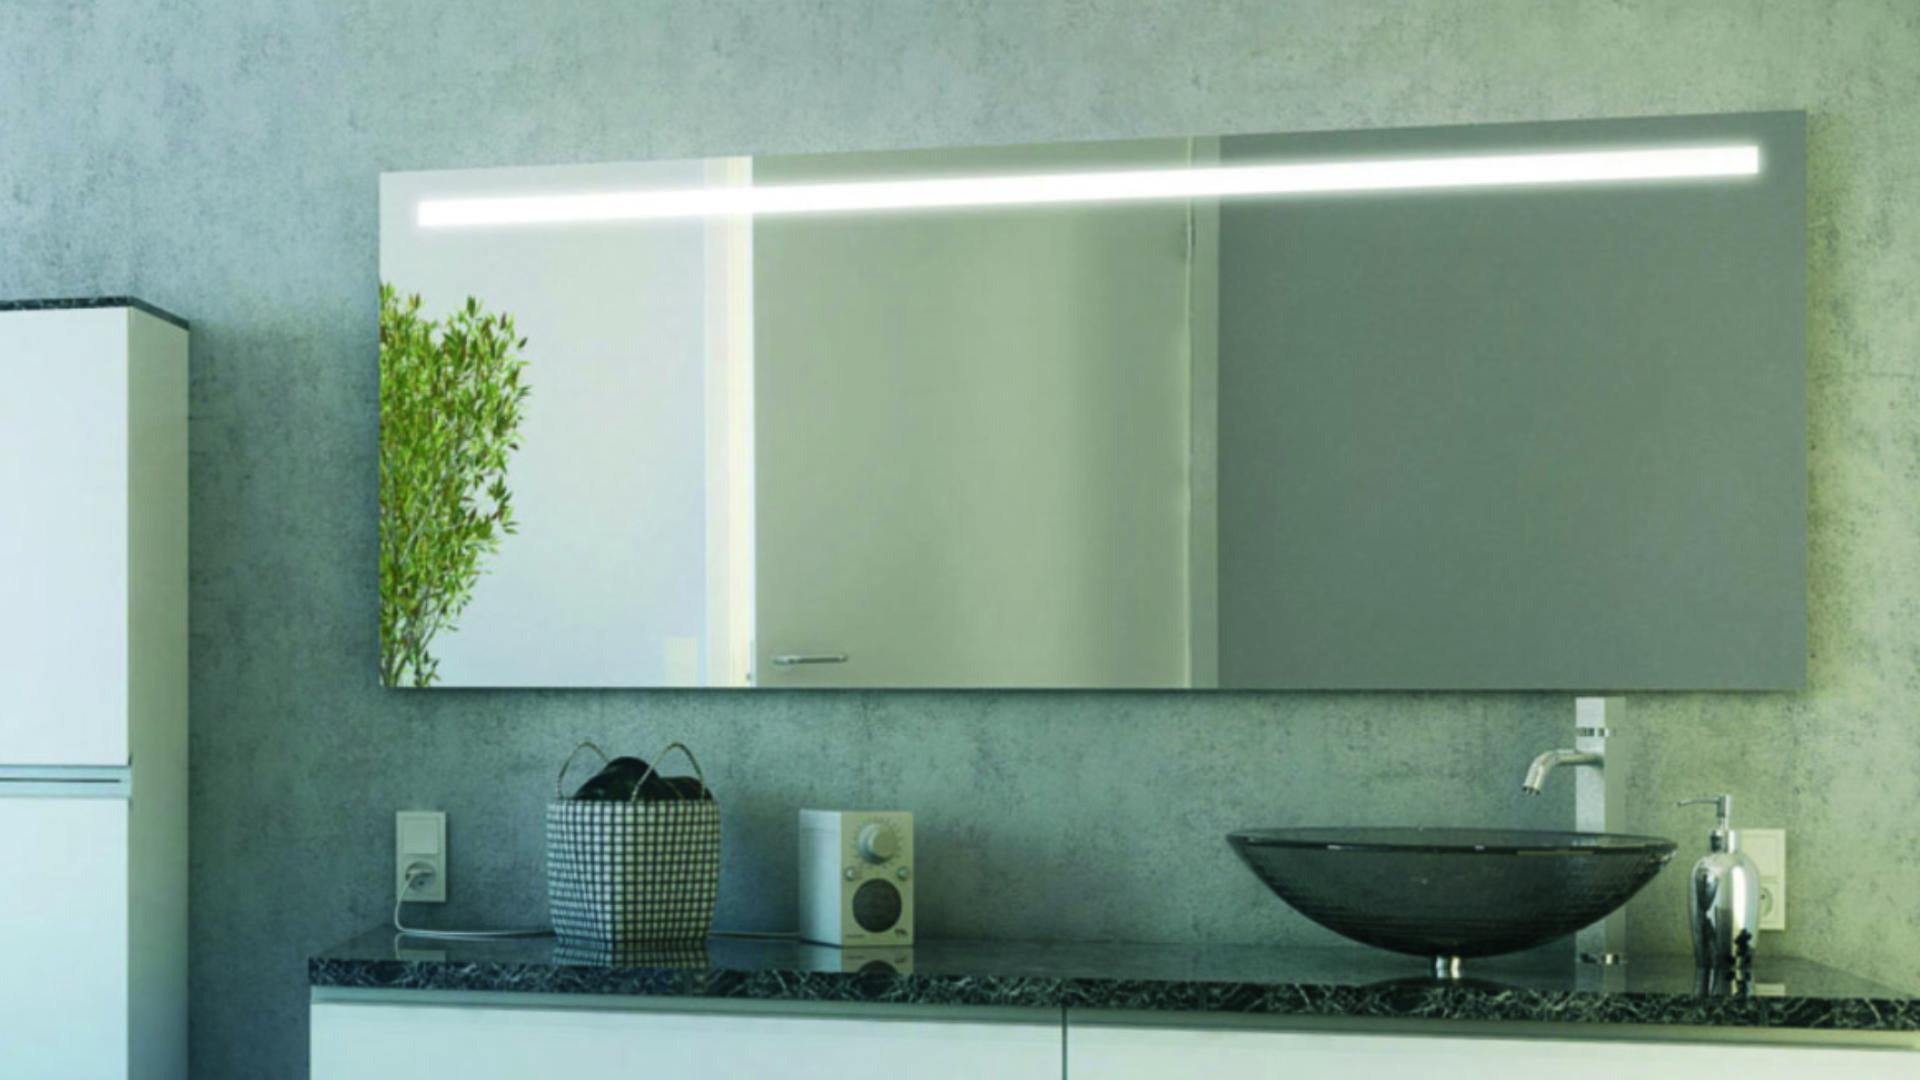 Spiegel mit integrierter Beleuchtung über einem Waschtisch